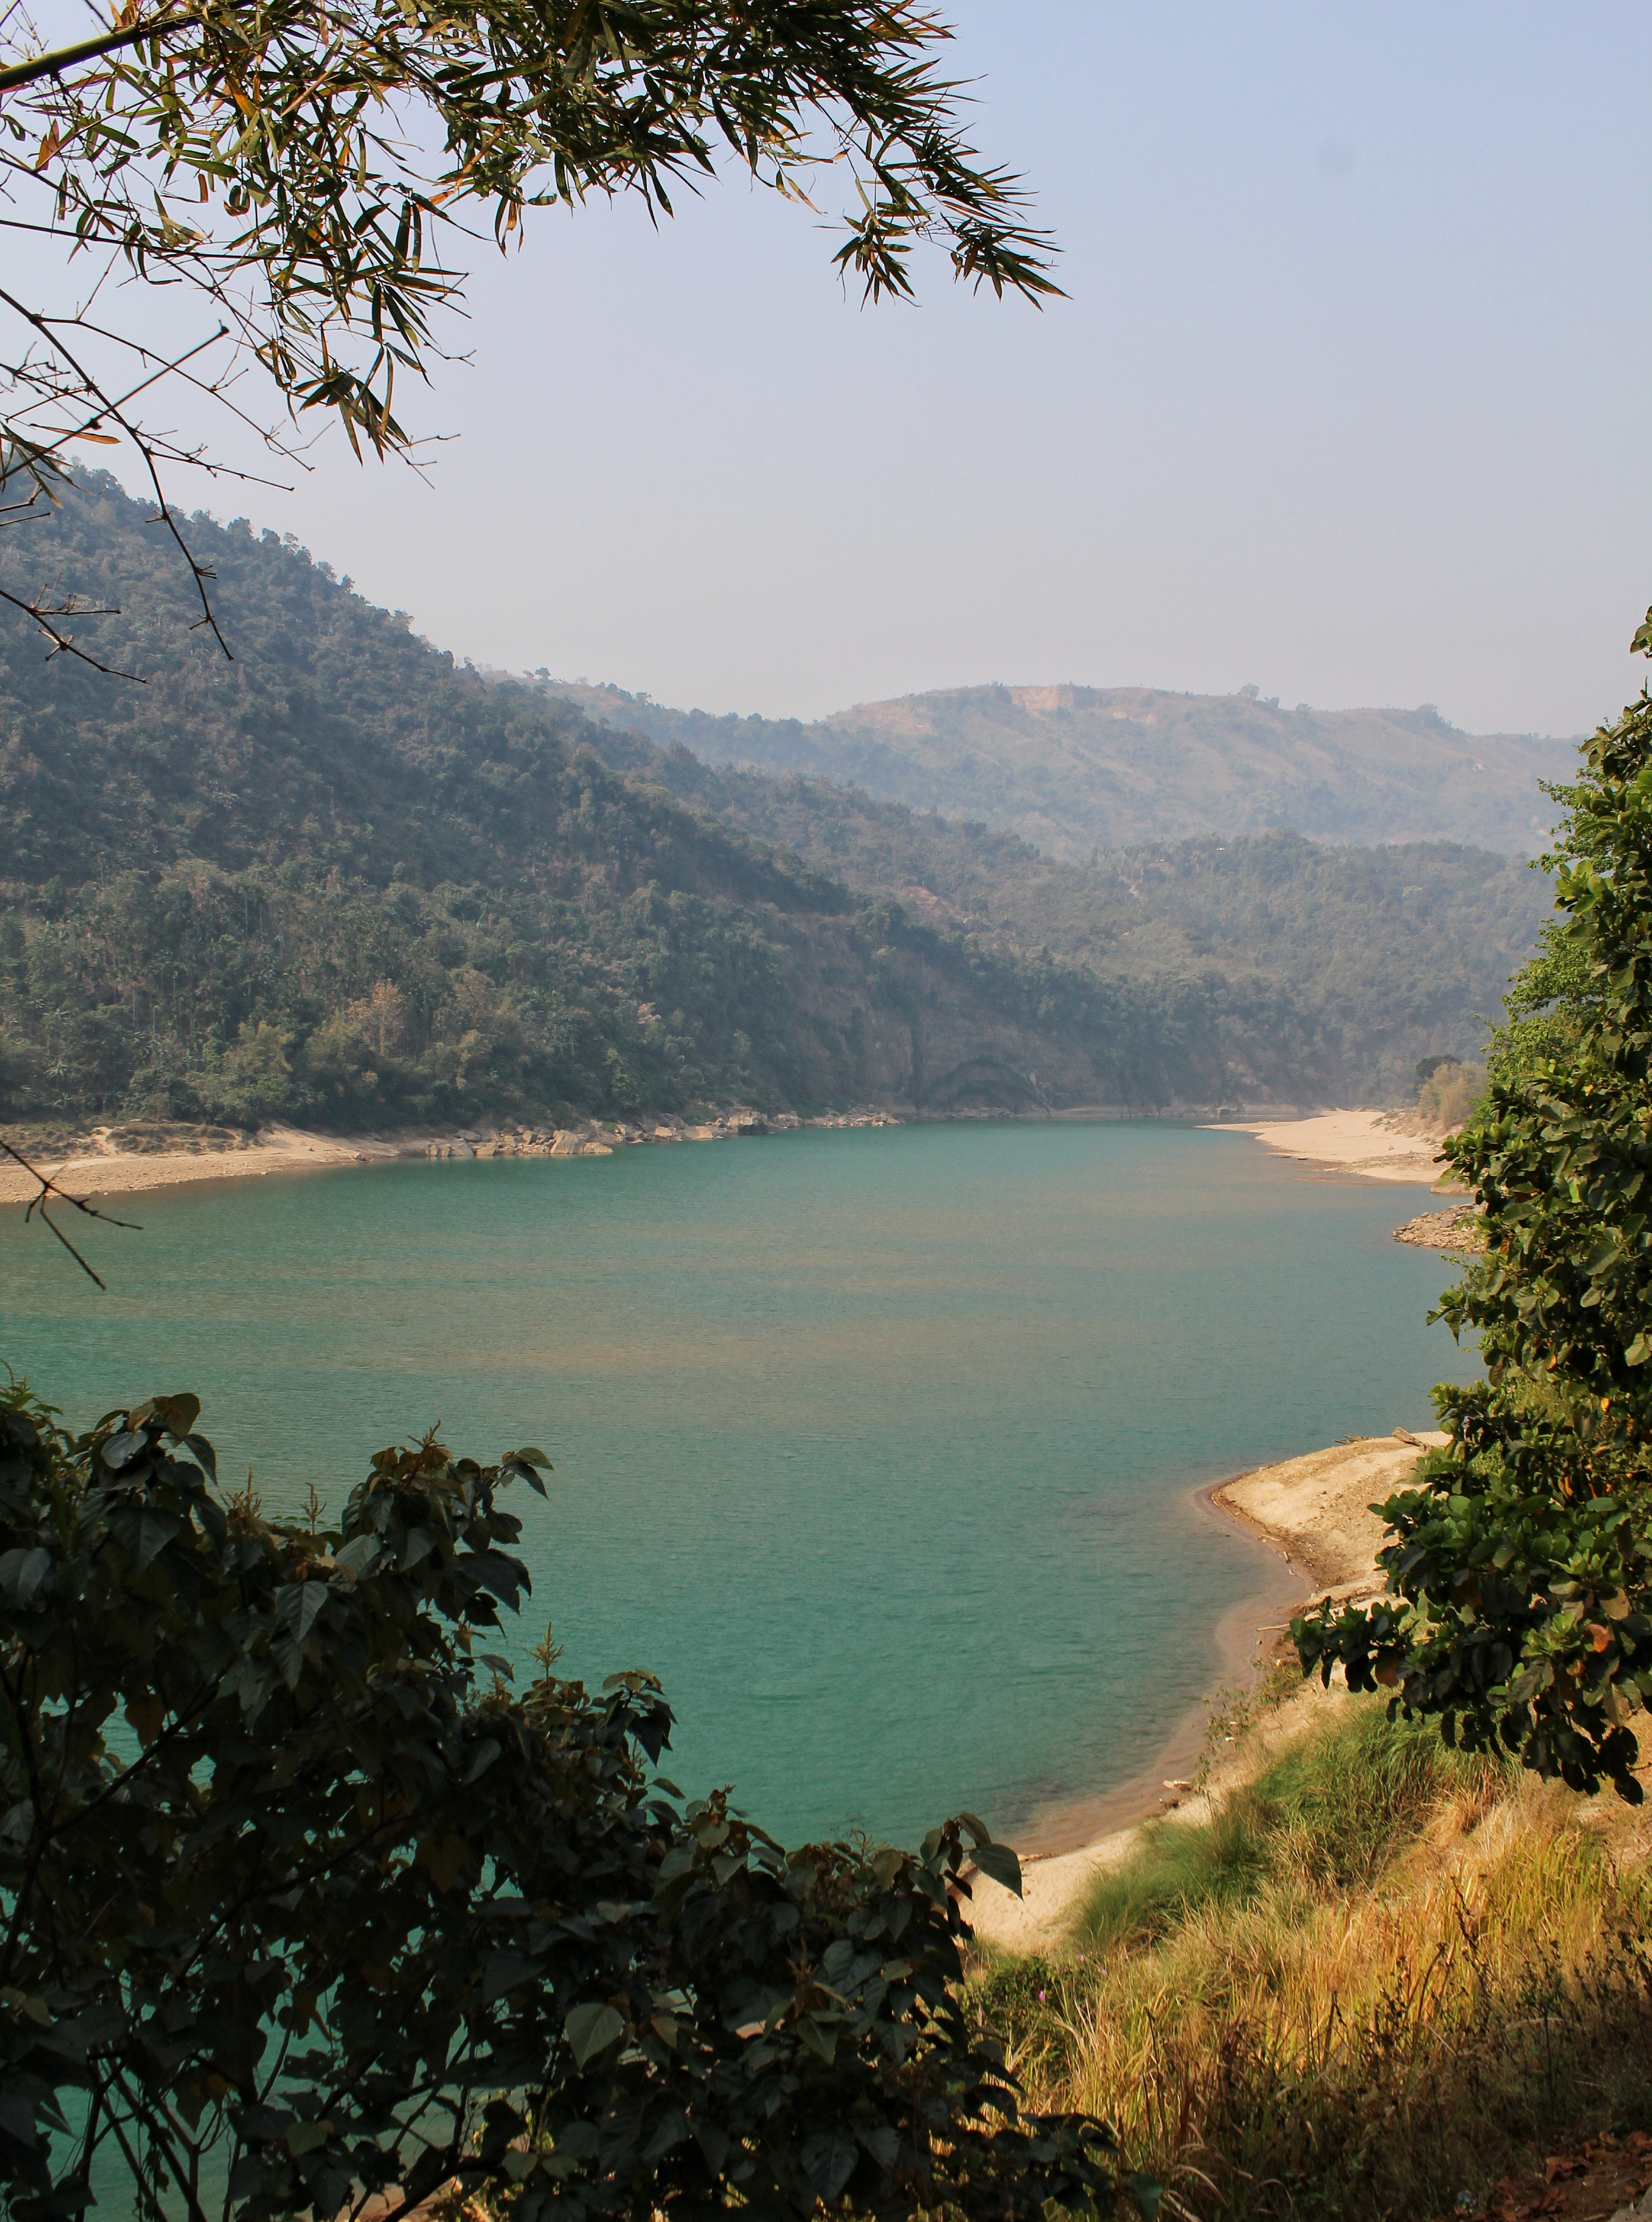 Kynshi_river_Ranikor.jpeg